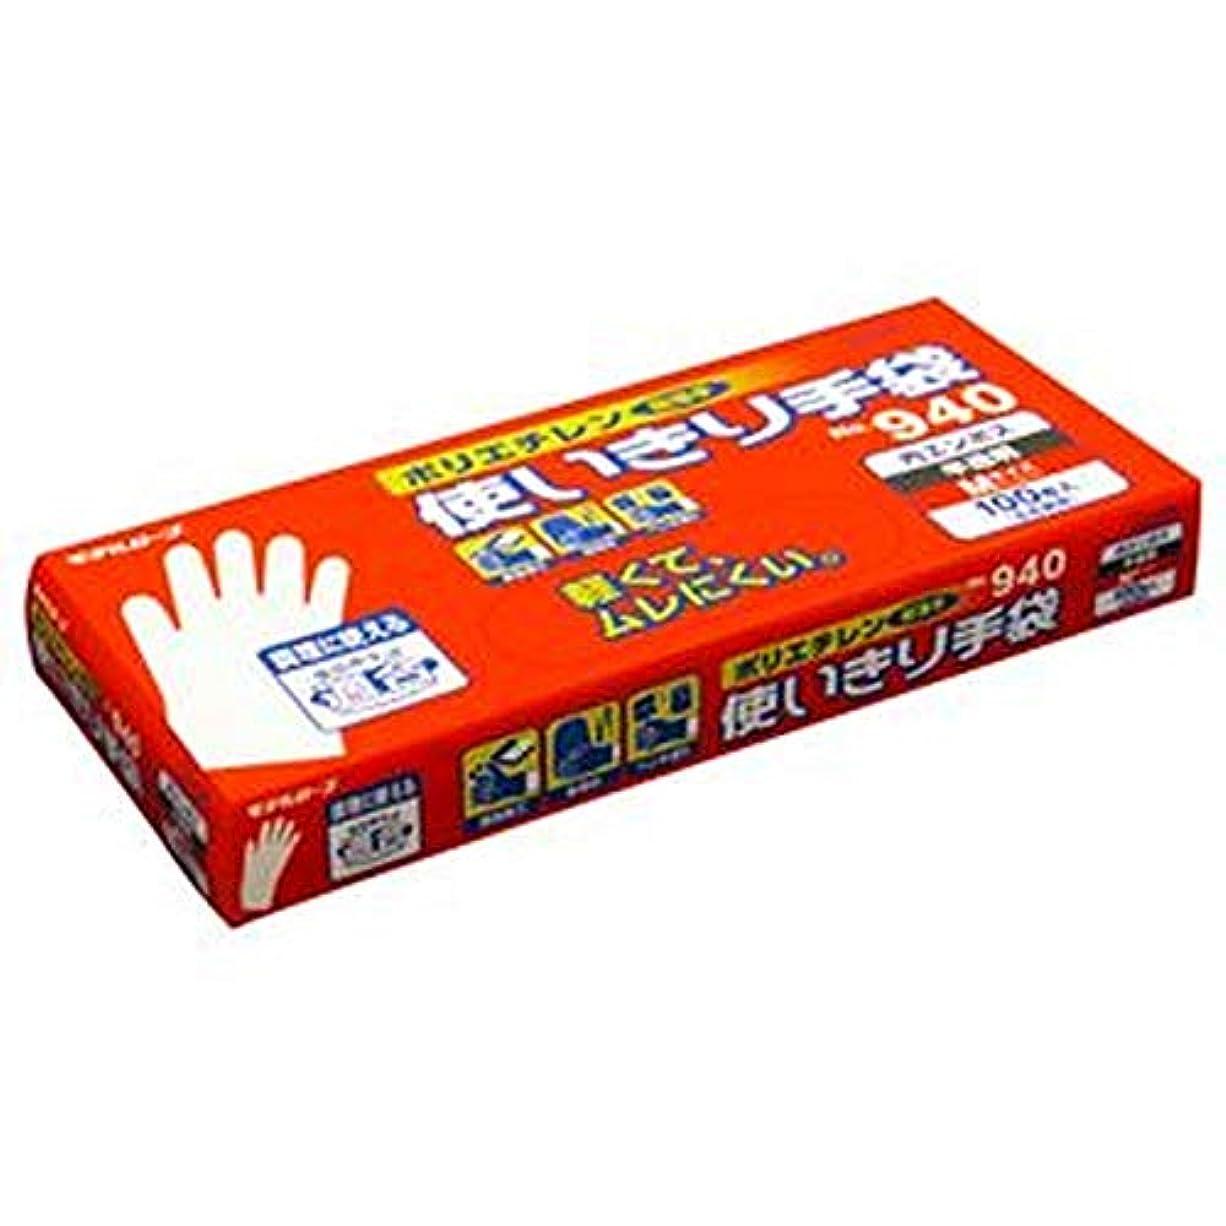 おなじみのやりがいのある時刻表- まとめ - / エステー/No.940 / ポリエチレン使いきり手袋 - 内エンボス - / M / 1箱 - 100枚 - / - ×10セット -